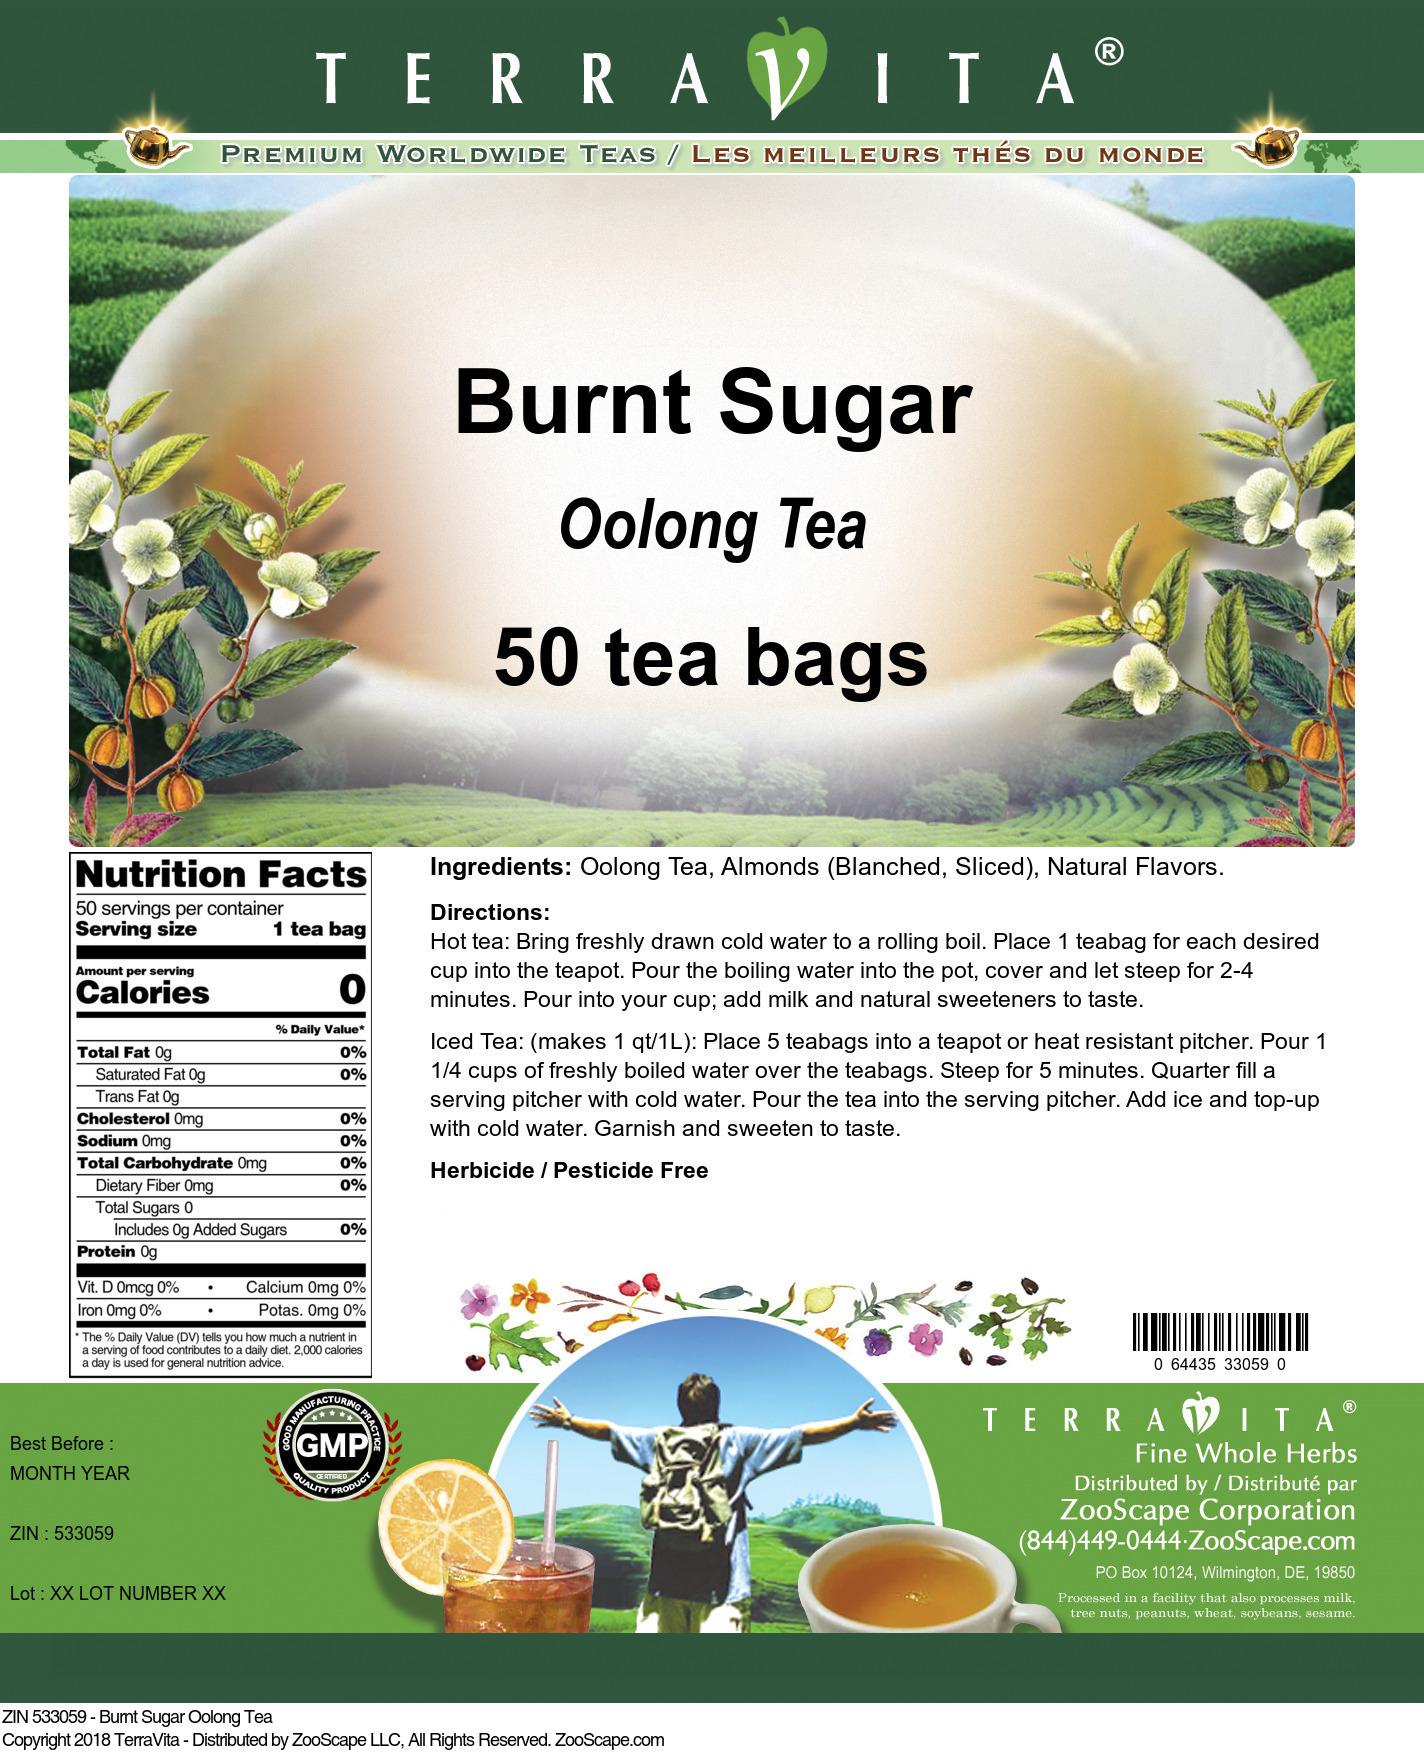 Burnt Sugar Oolong Tea